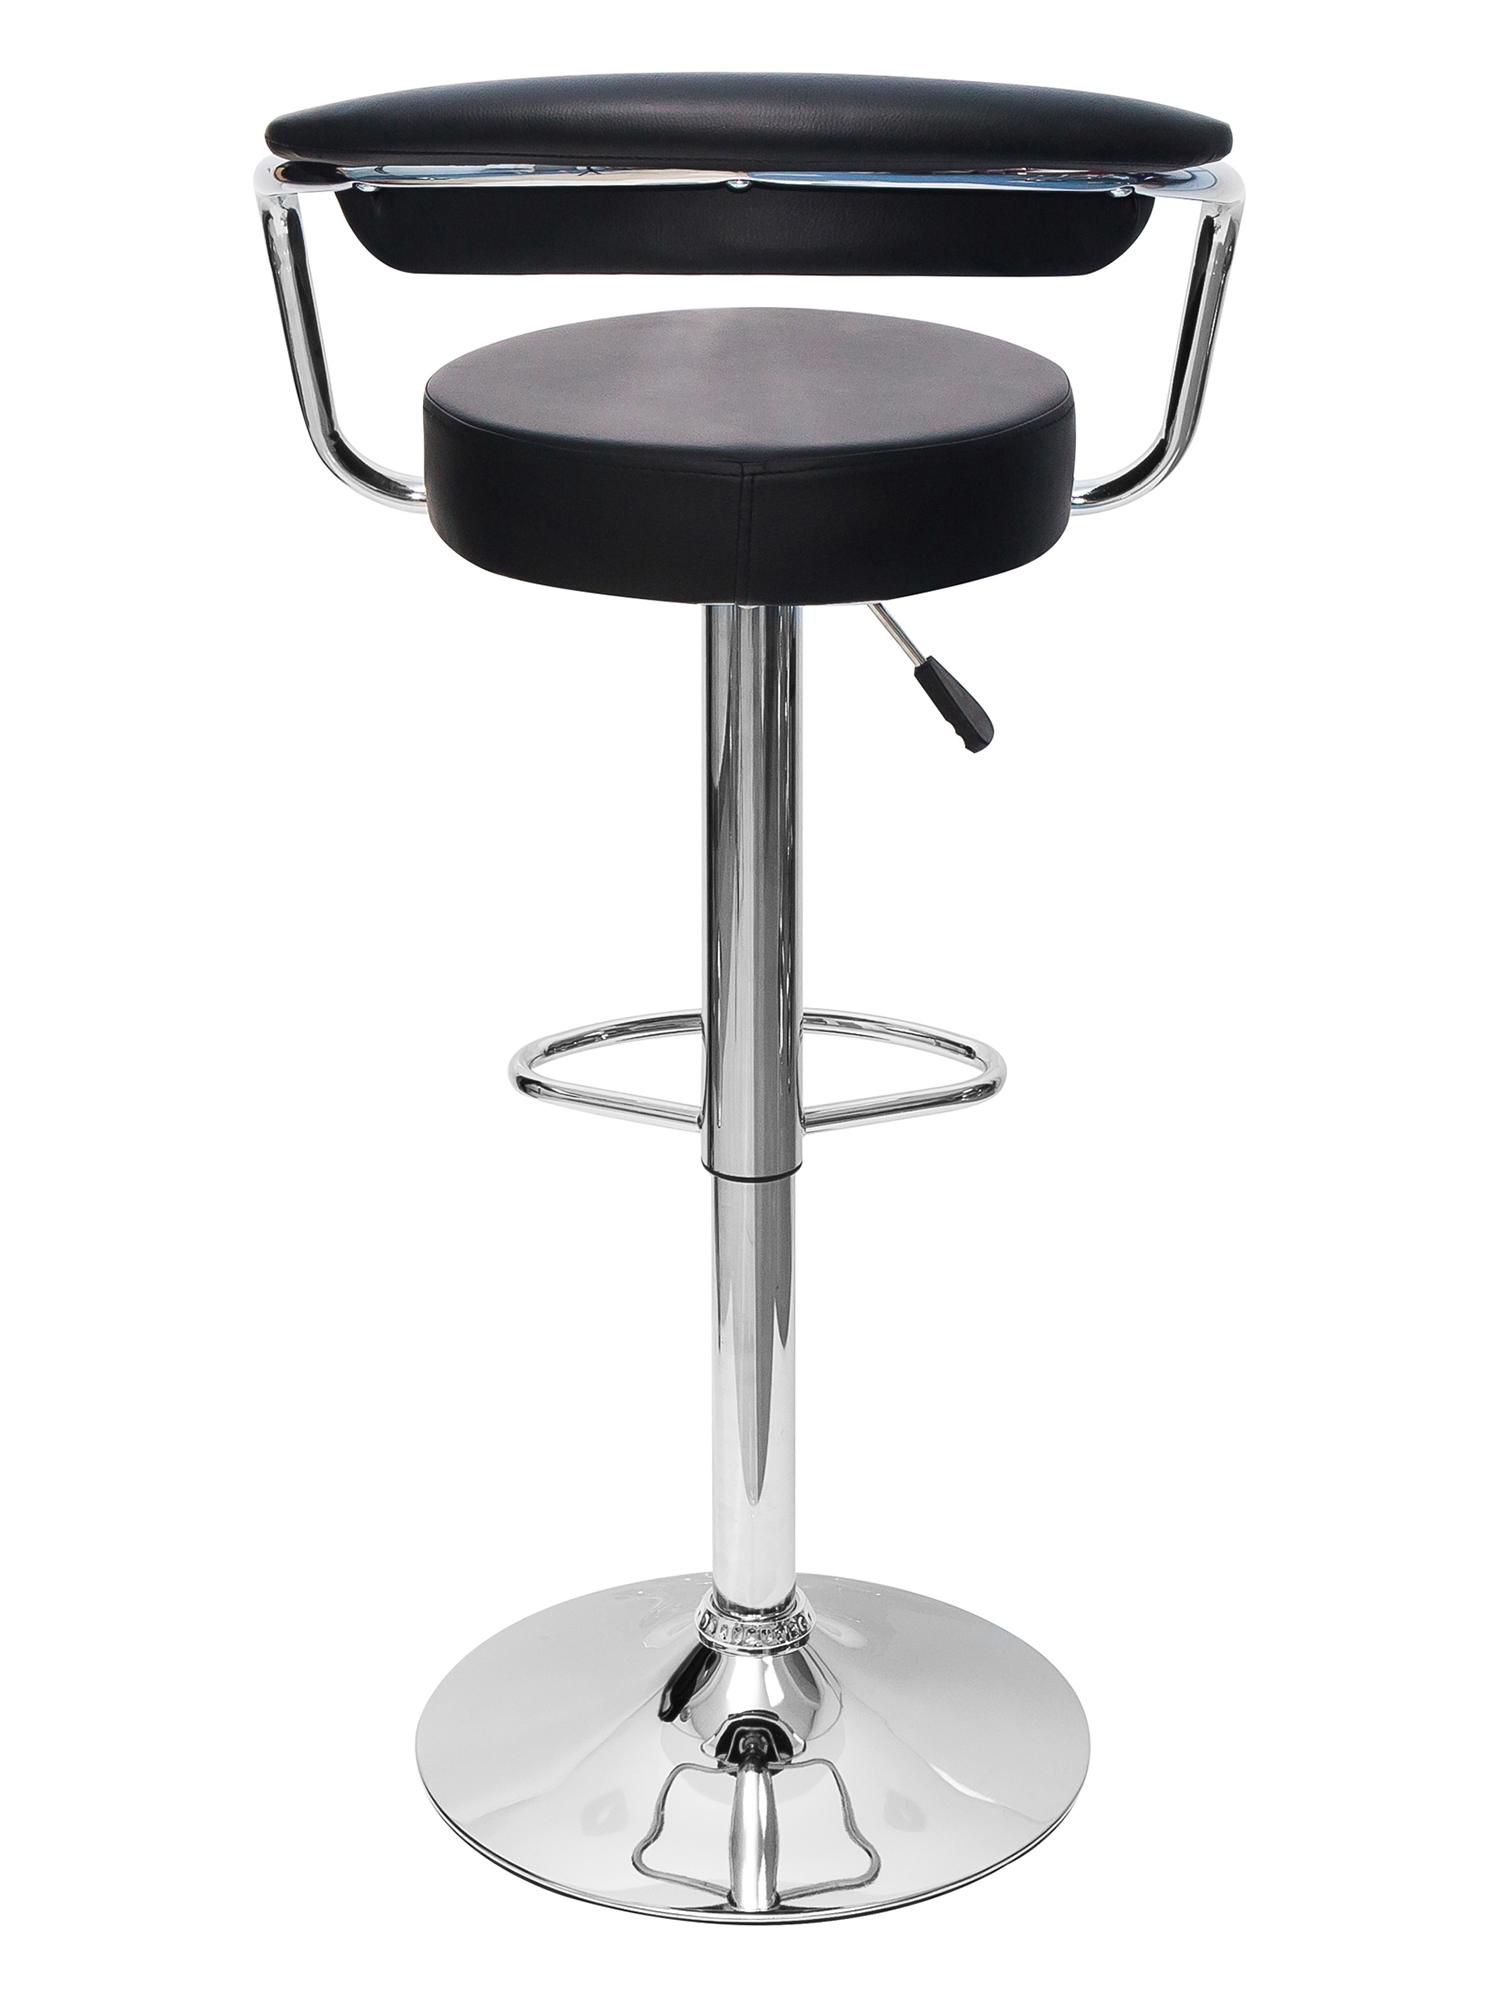 картинка барных стульев для уединенного